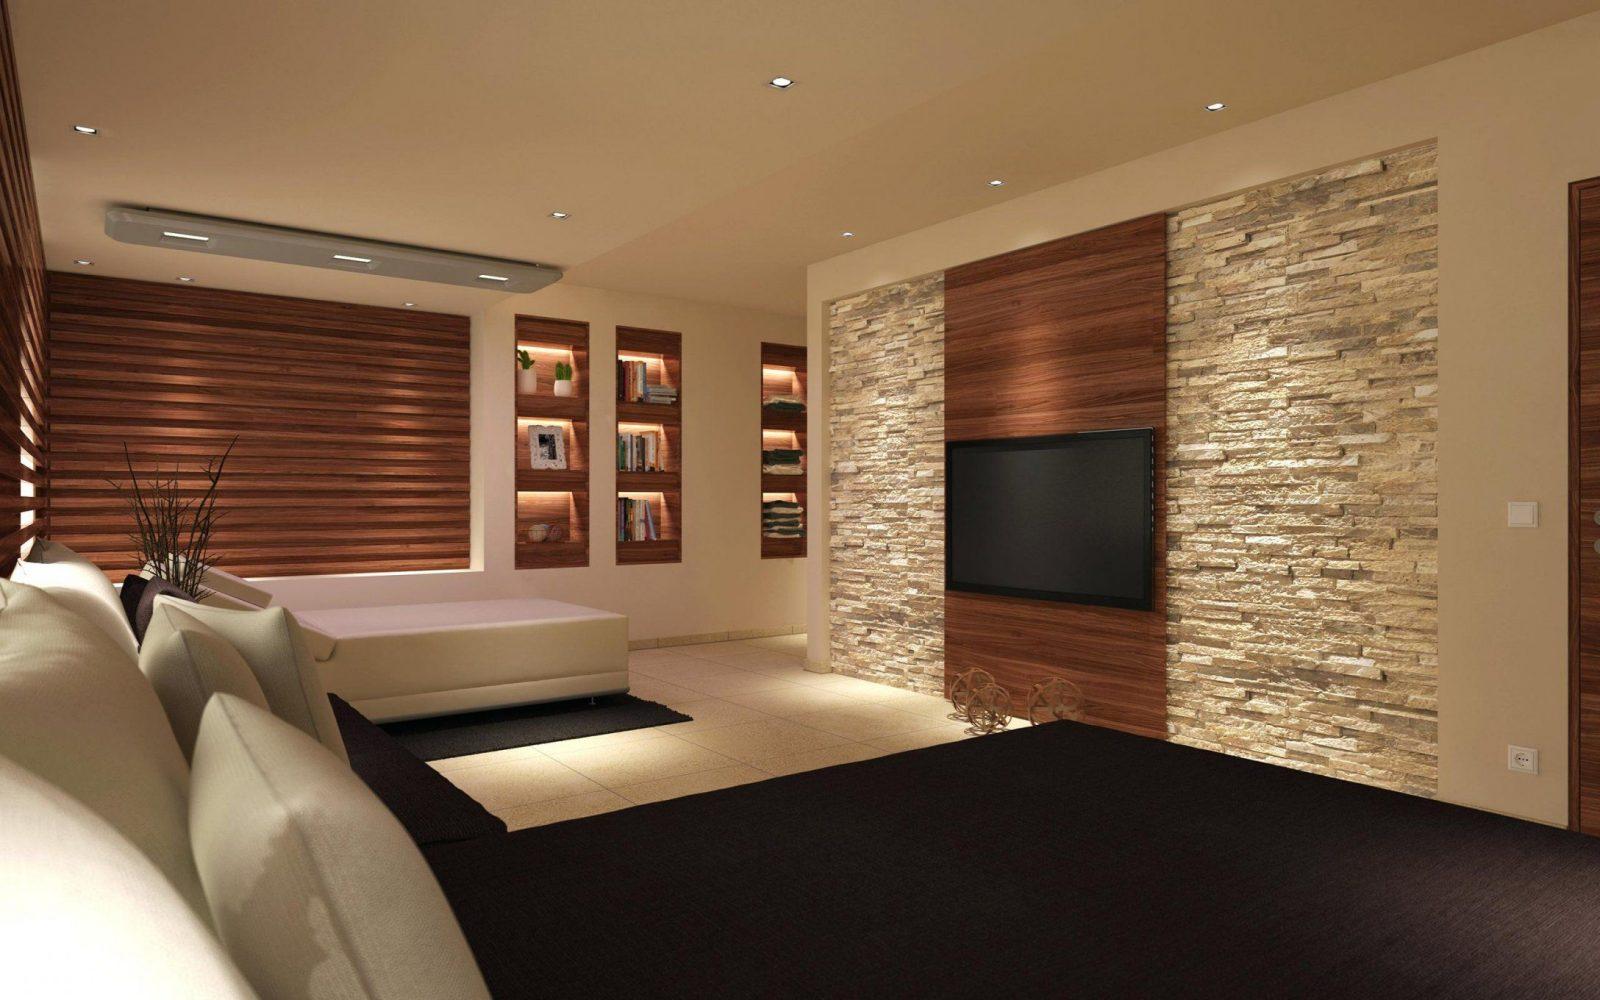 Sauna Im Keller Wellnessbereich Kosten Einbau Bauen von Sauna Im Keller Kosten Photo